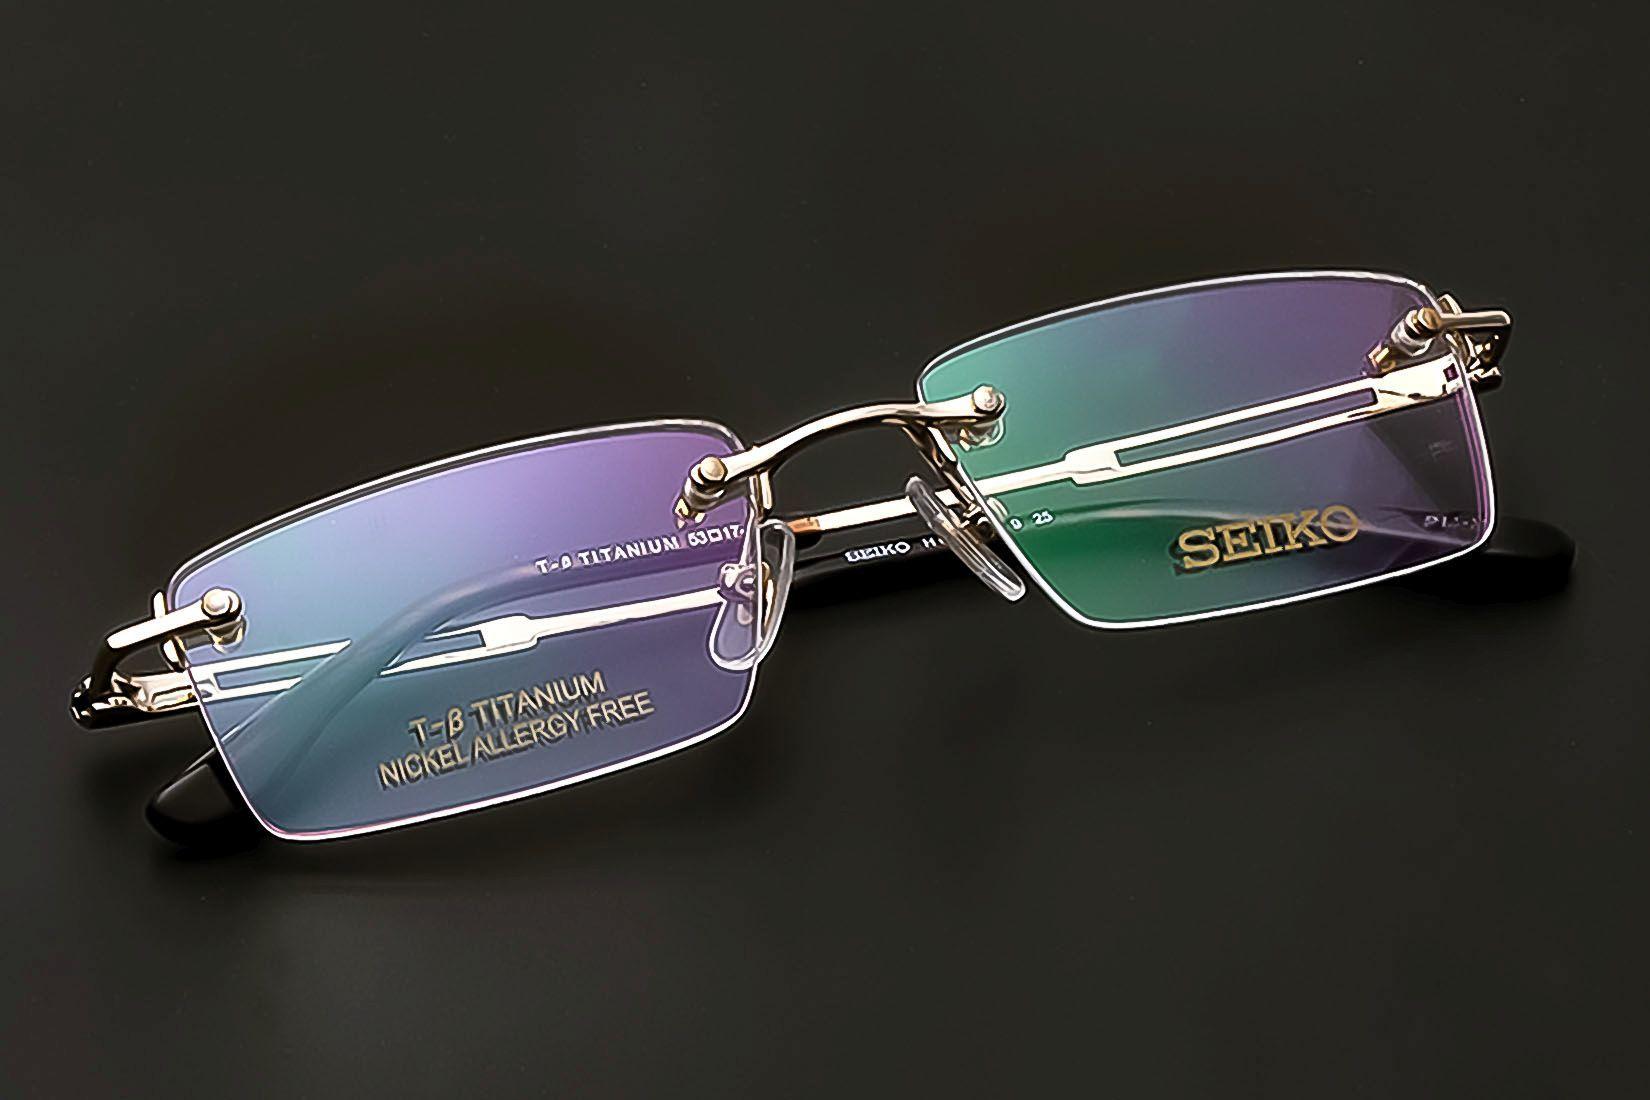 Seiko spectacles